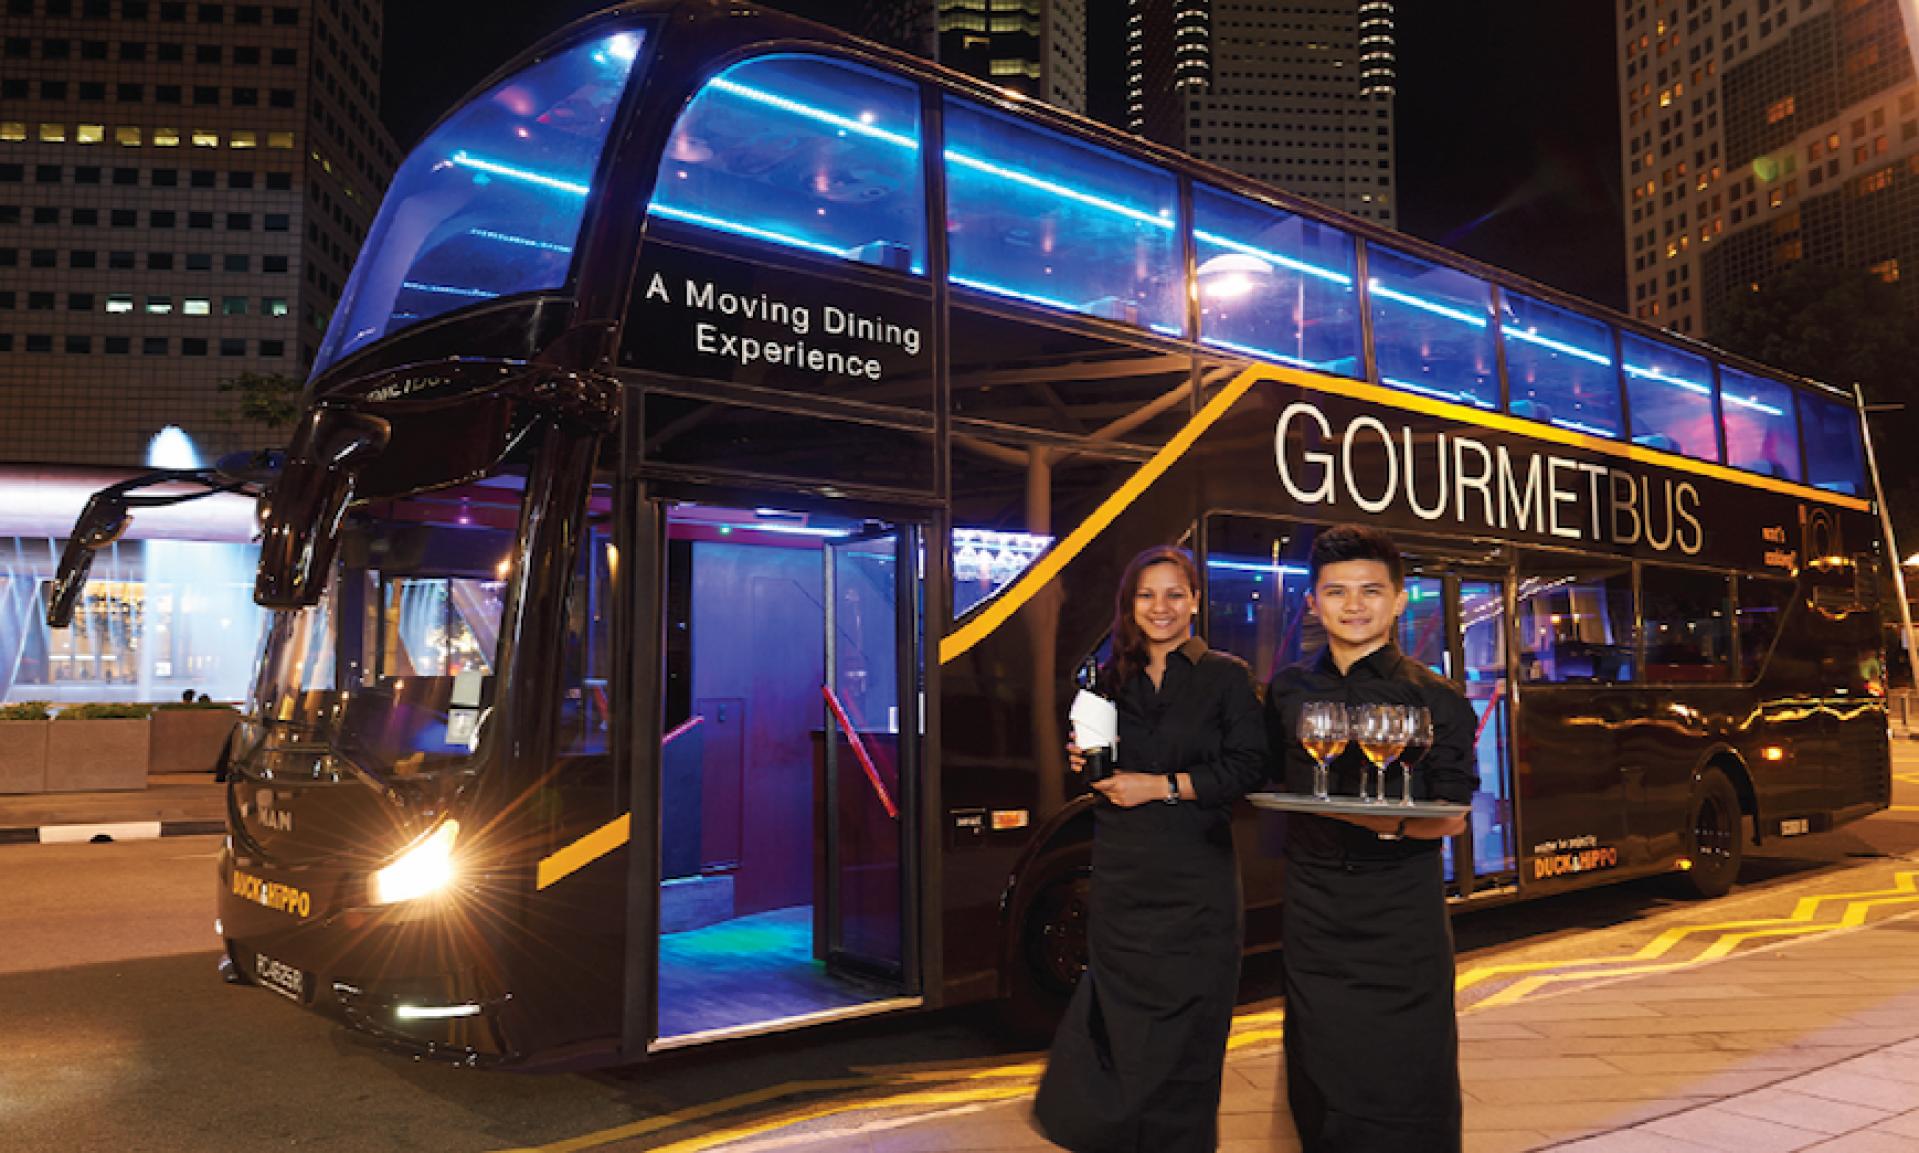 【移動的米其林必比登】新加坡 Gourmet 美食巴士